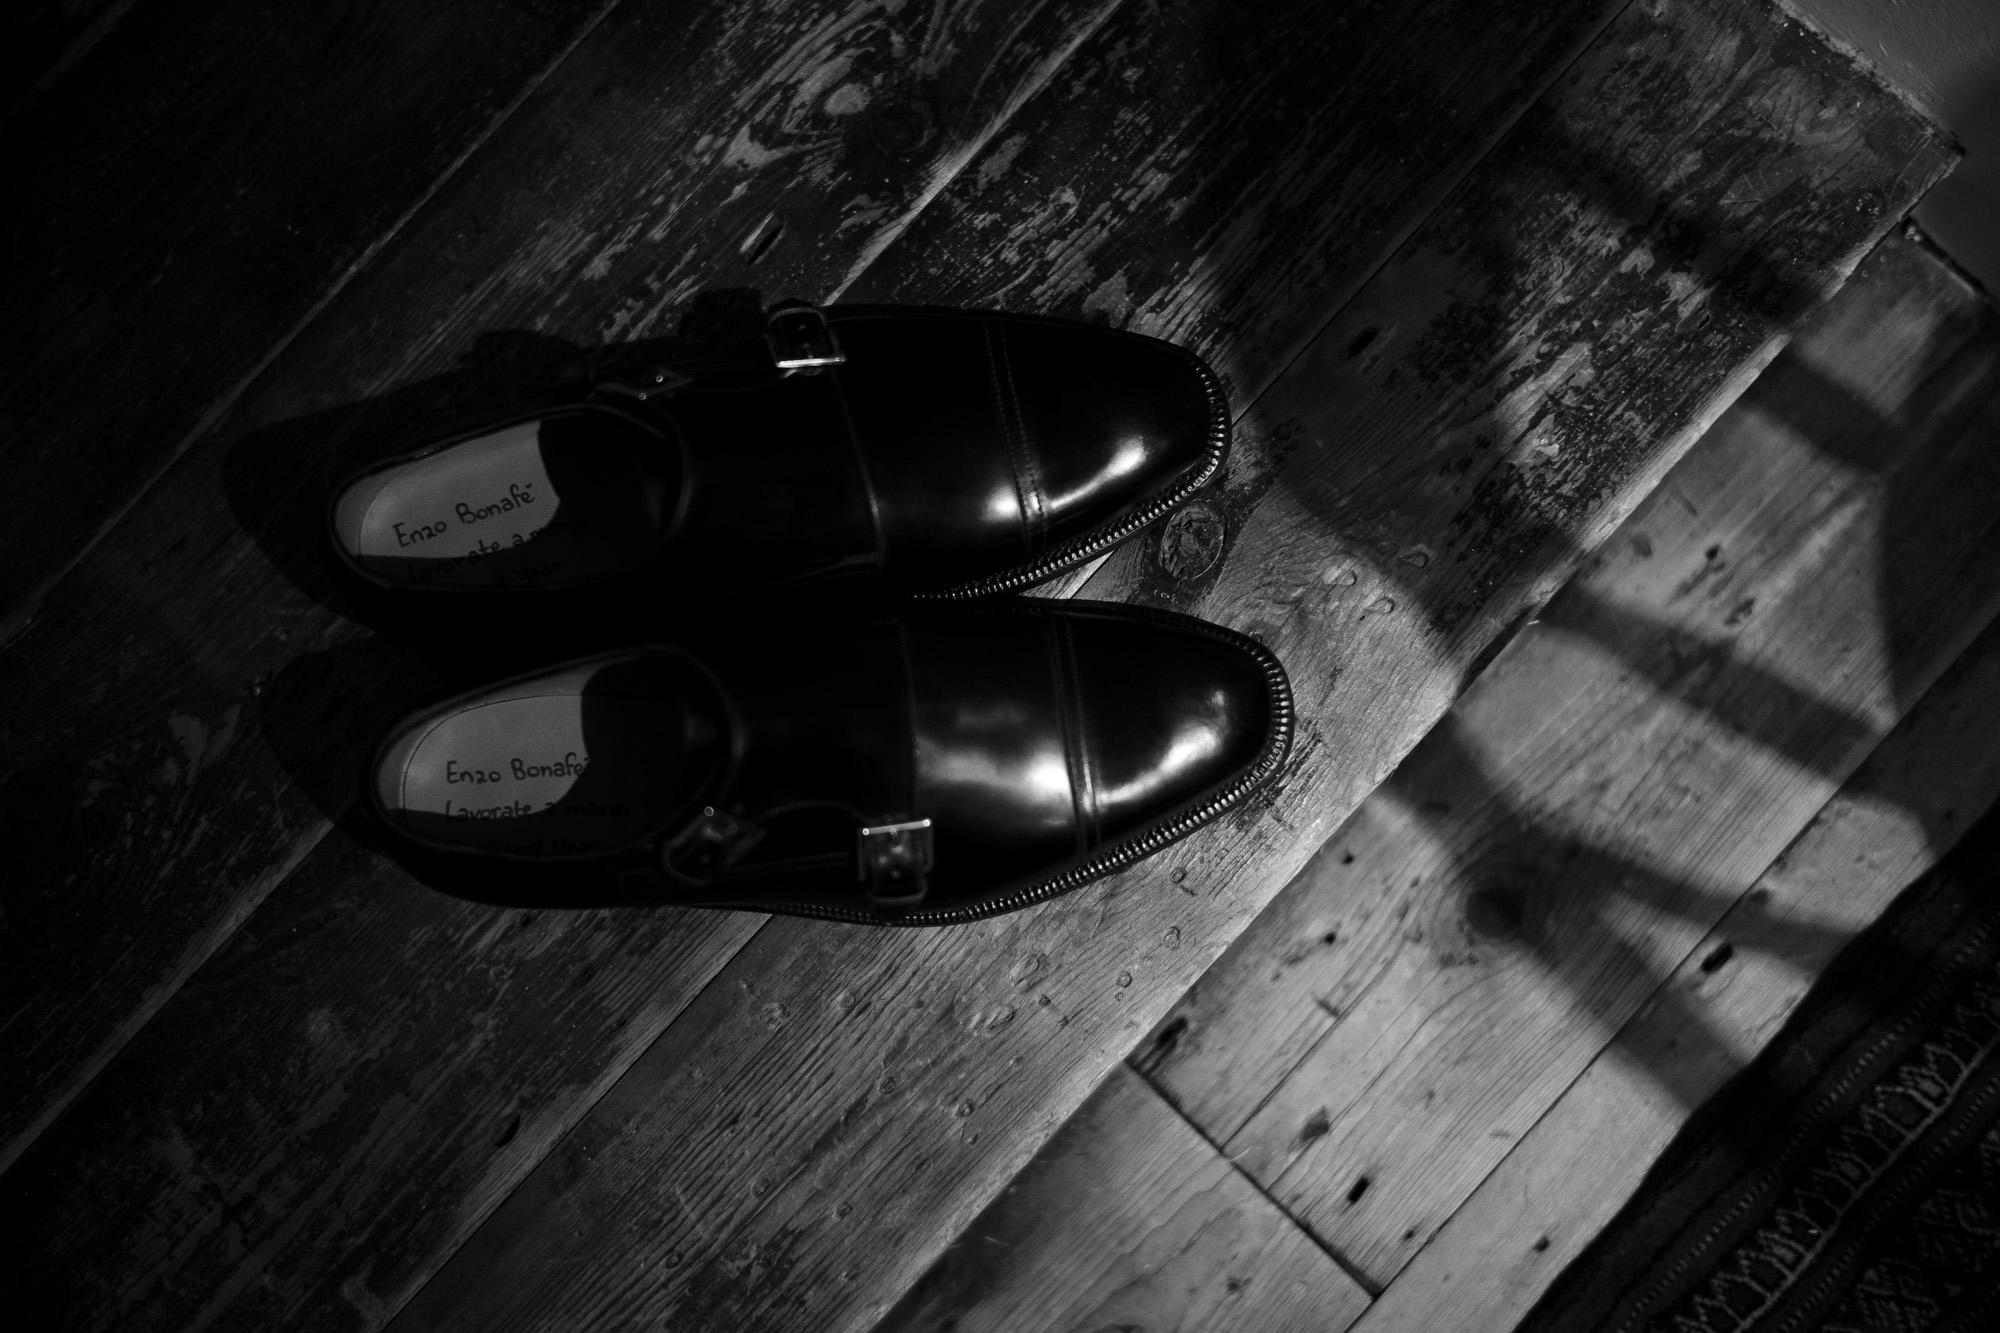 ENZO BONAFE(エンツォボナフェ) // EB-02 double monk strap shoes  NERO enzobonafe エンツォボナフェ 愛知 名古屋 Alto e Diritto アルト エ デリット ダブルモンクストラップシューズ ダブルモンク